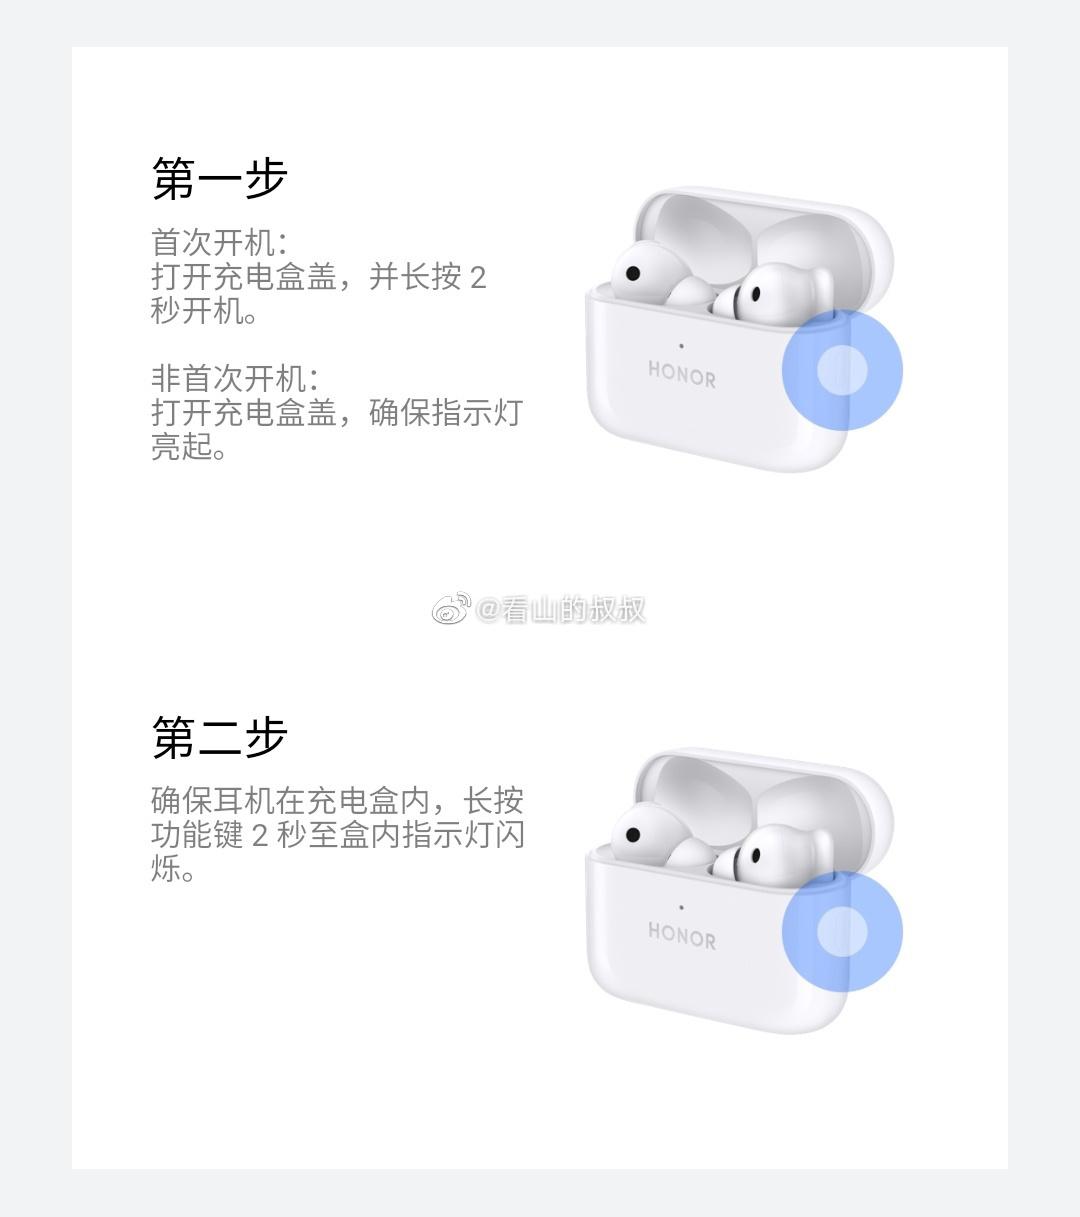 Honor будет продавать переименованные наушники Huawei